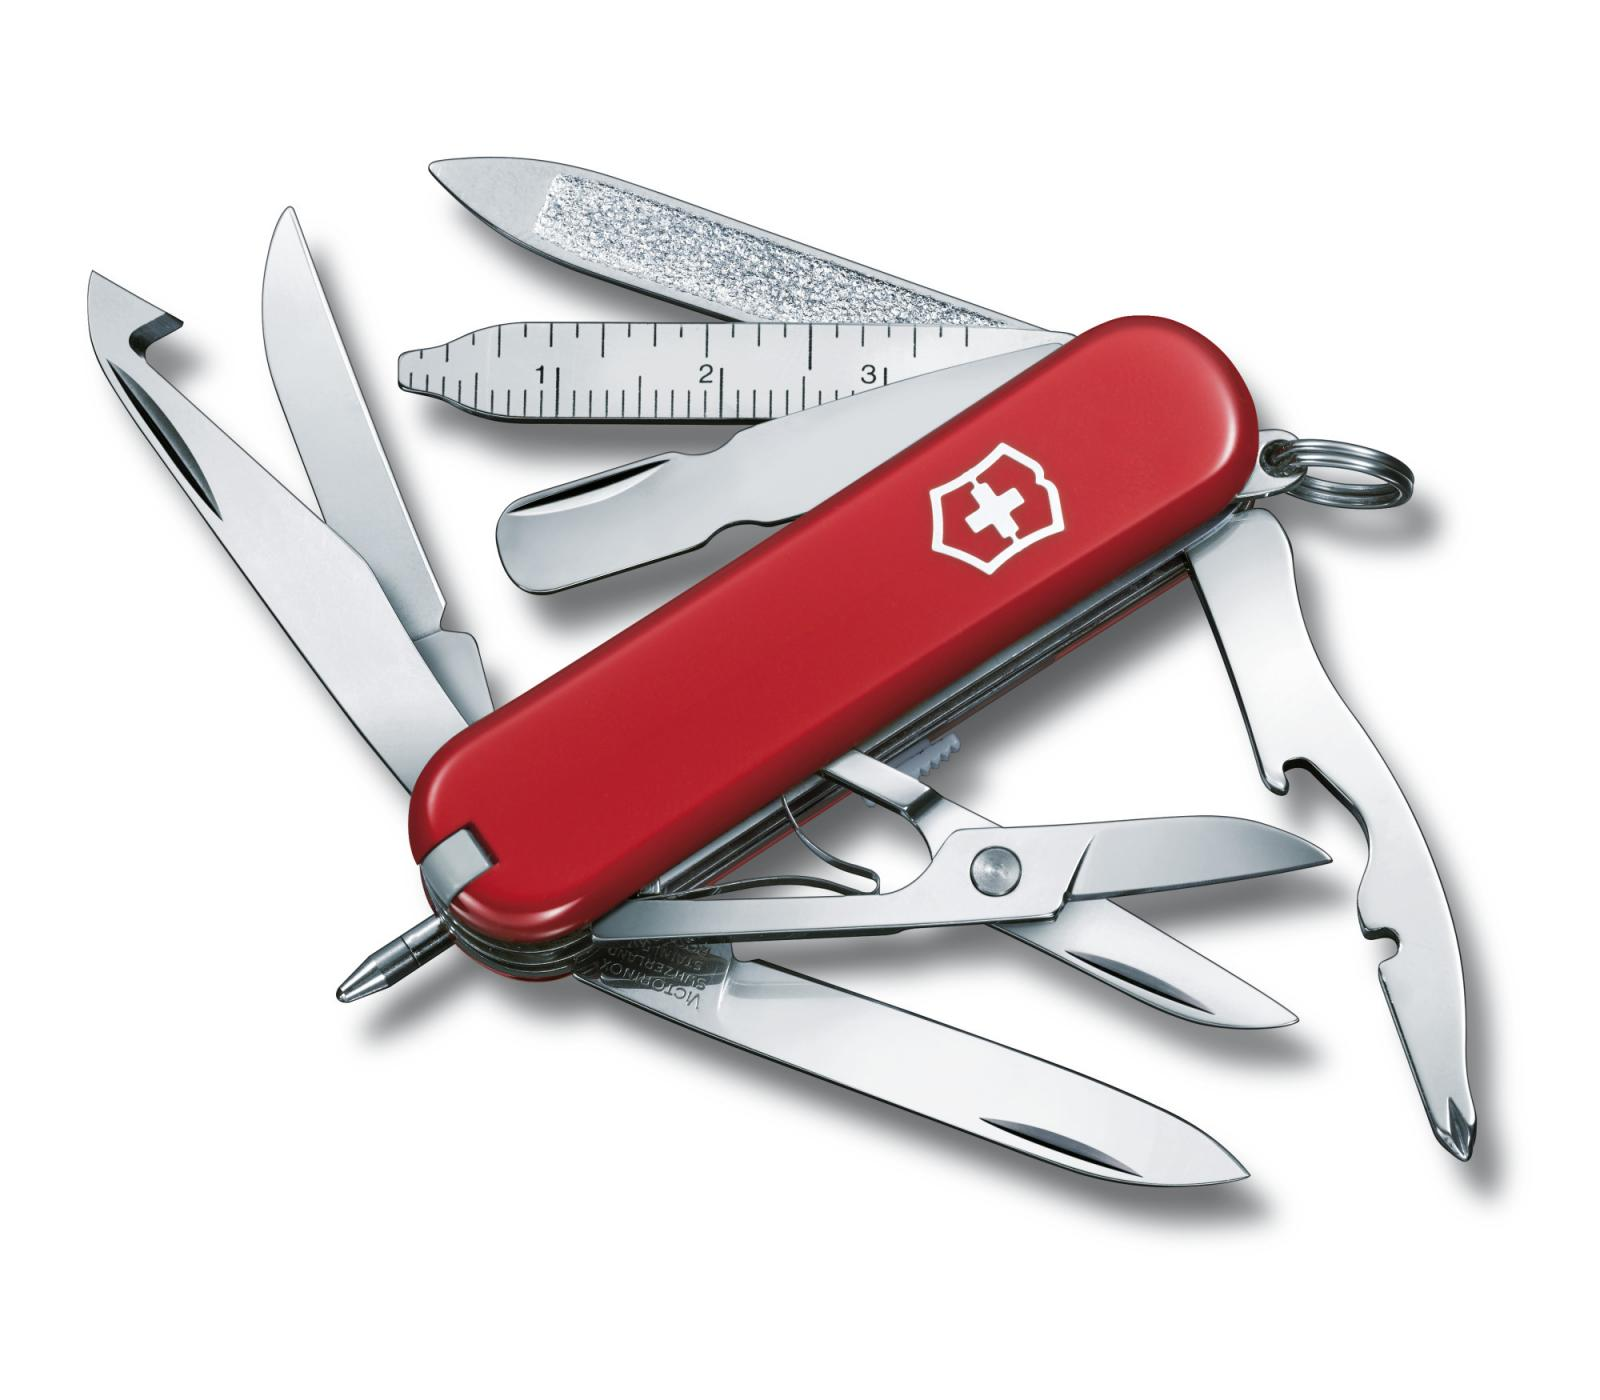 Navaja Victorinox MiniChamp de bolsillo pequeña con 18 funciones 0.6385